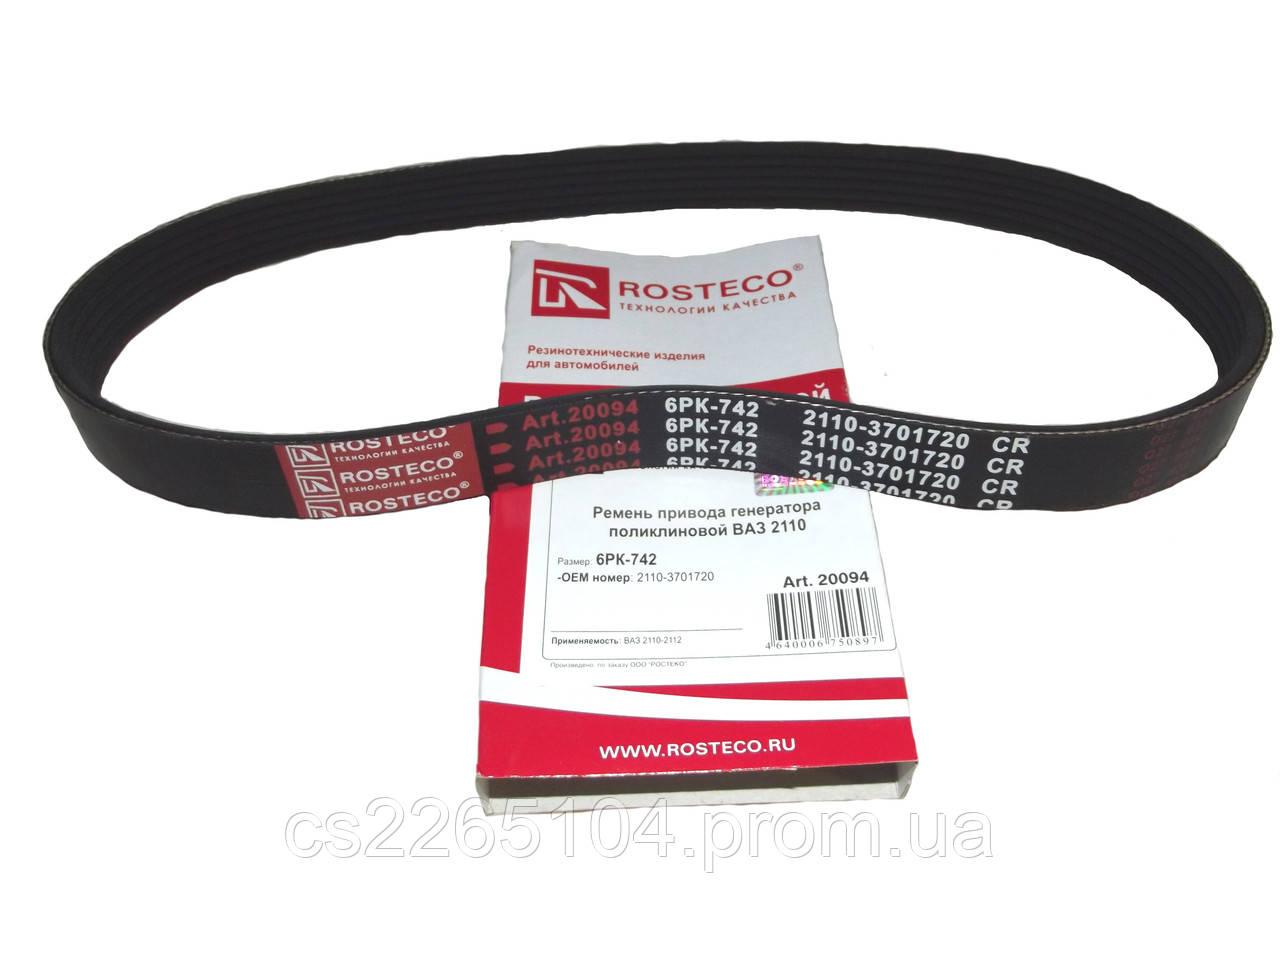 Ремень привода генератора поликлиновый ВАЗ 2110 Rosteco